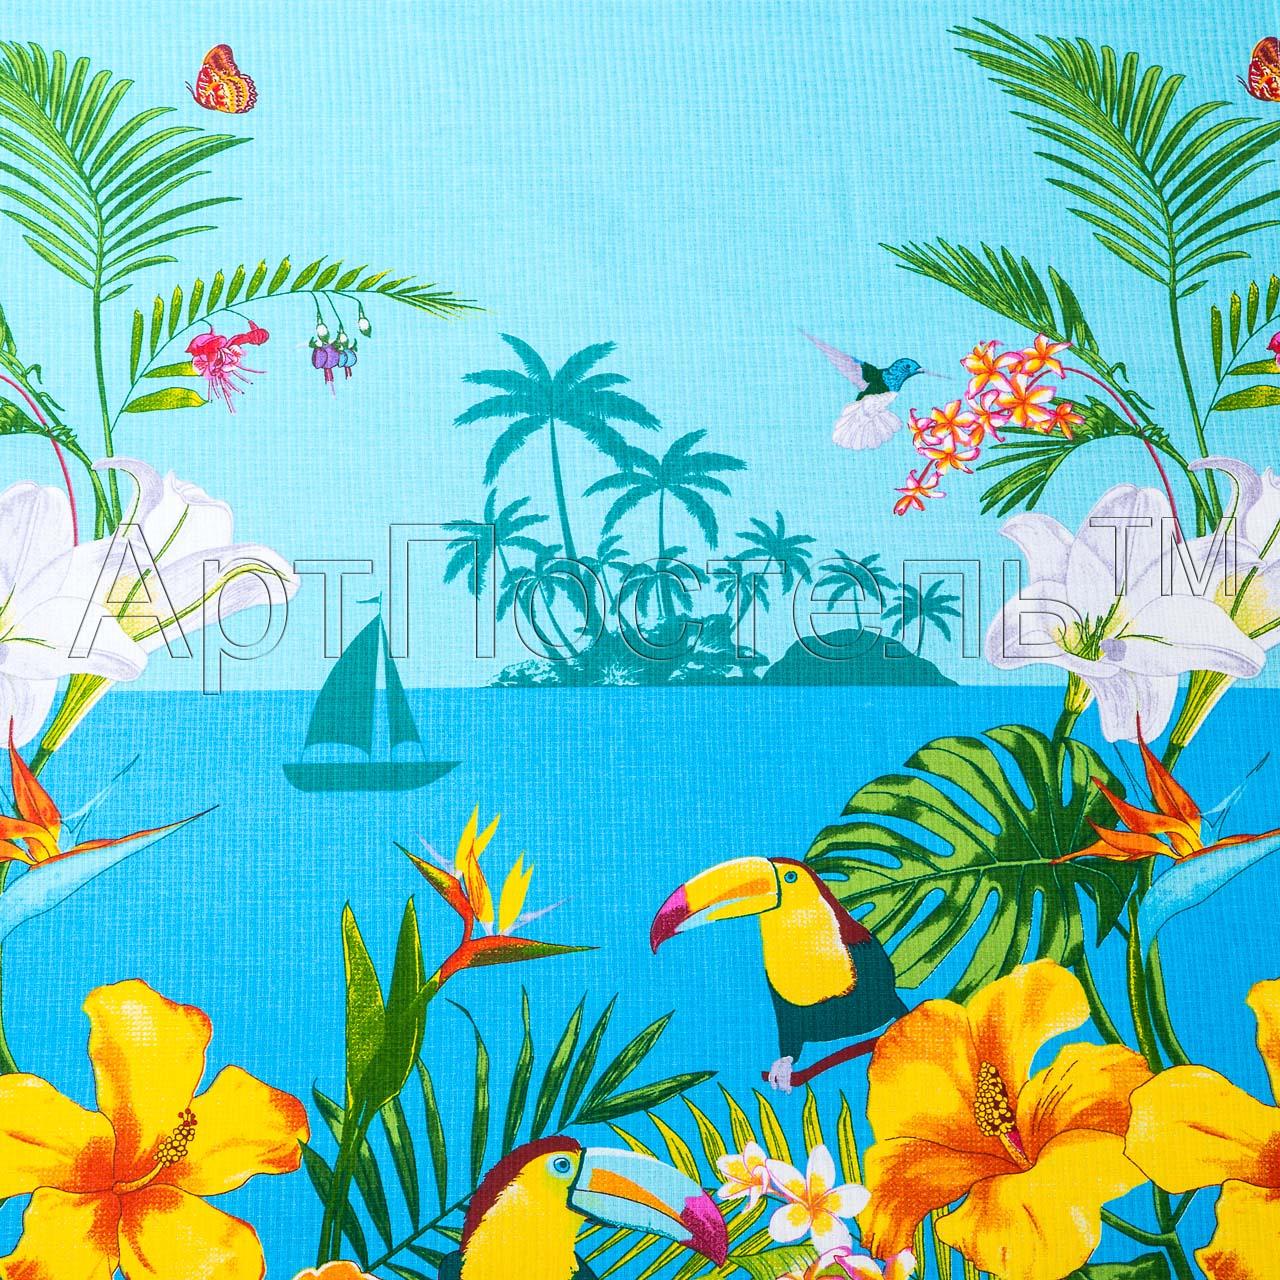 Вафельное полотенце Багамы р. 80х150Вафельные полотенца<br>Плотность: 160 г/кв. м<br><br>Тип: Вафельное полотенце<br>Размер: 80х150<br>Материал: Вафельное полотно